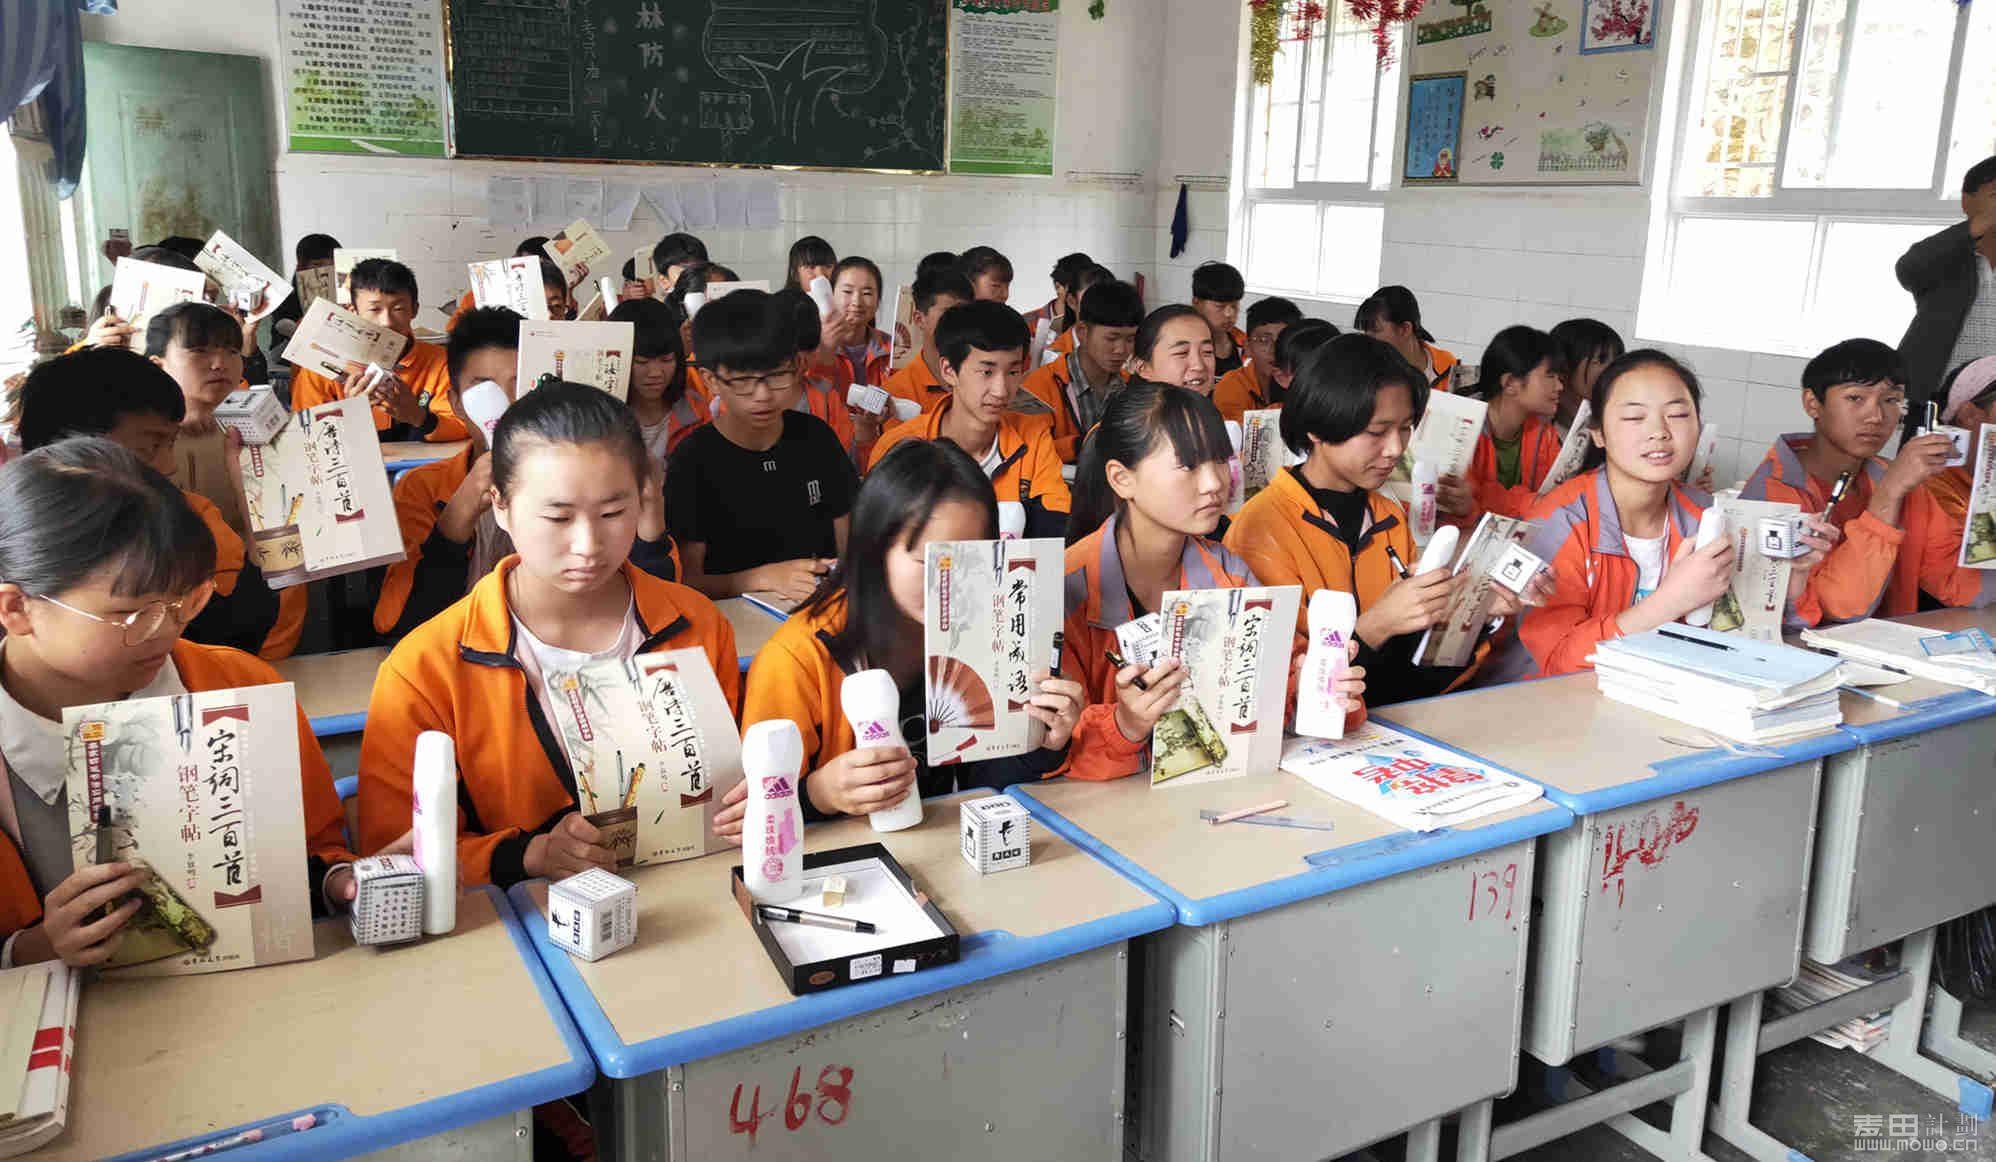 镇江麦苗班的孩子们也领到了物资。